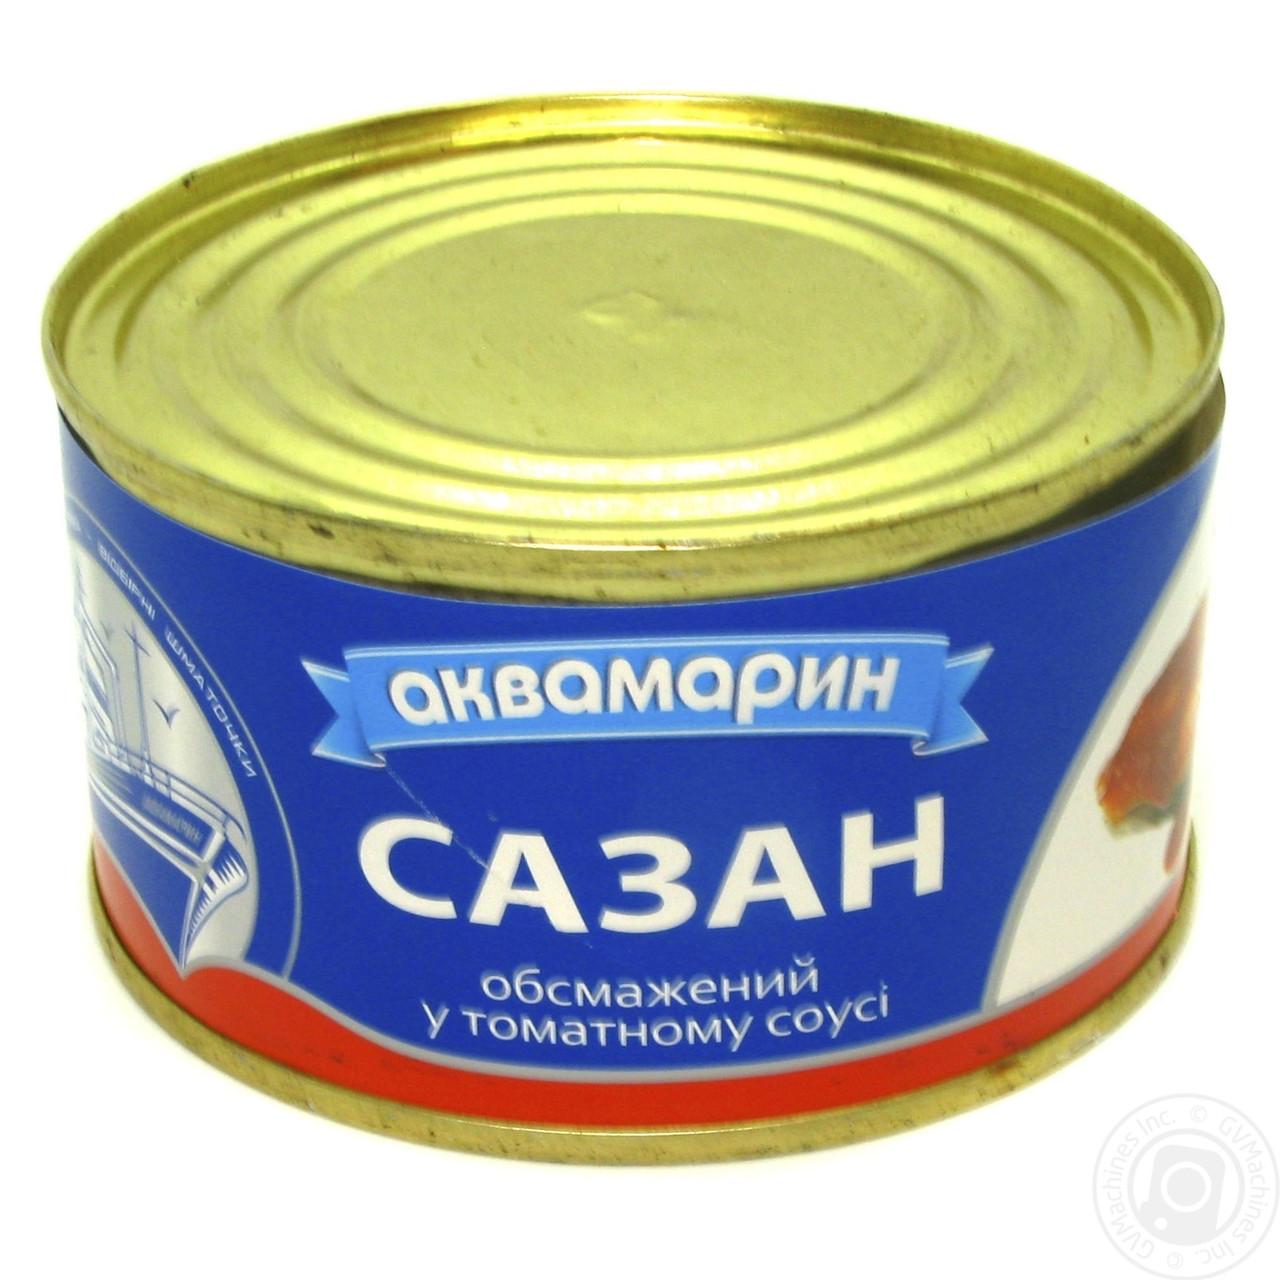 Рыба Сазан  натуральная в томатном соусе 230 грамм